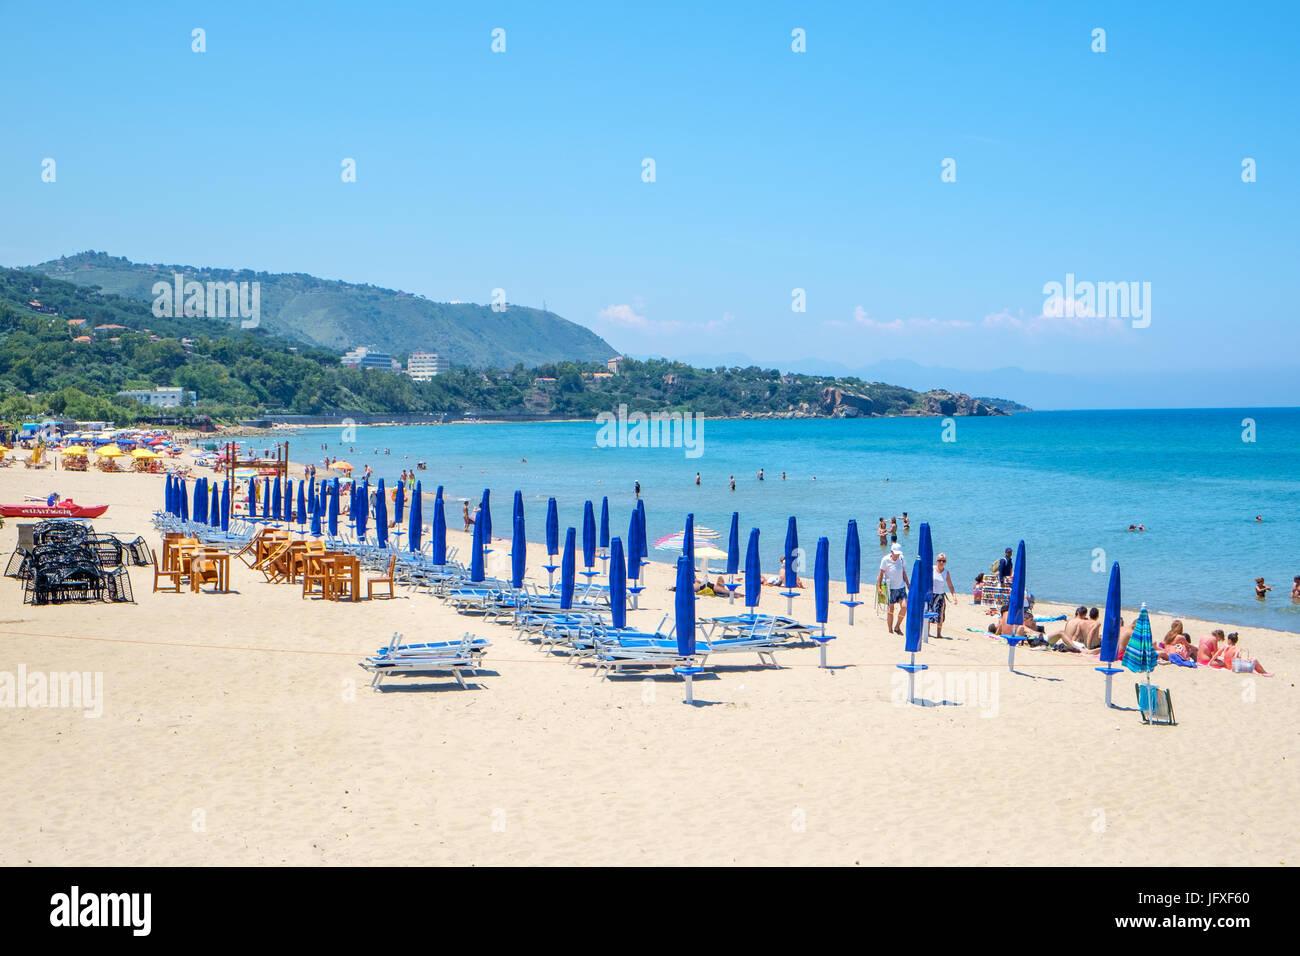 La playa de Cefalú, Sicilia. Histórico de Cefalù es un importante destino turístico en Sicilia. Imagen De Stock